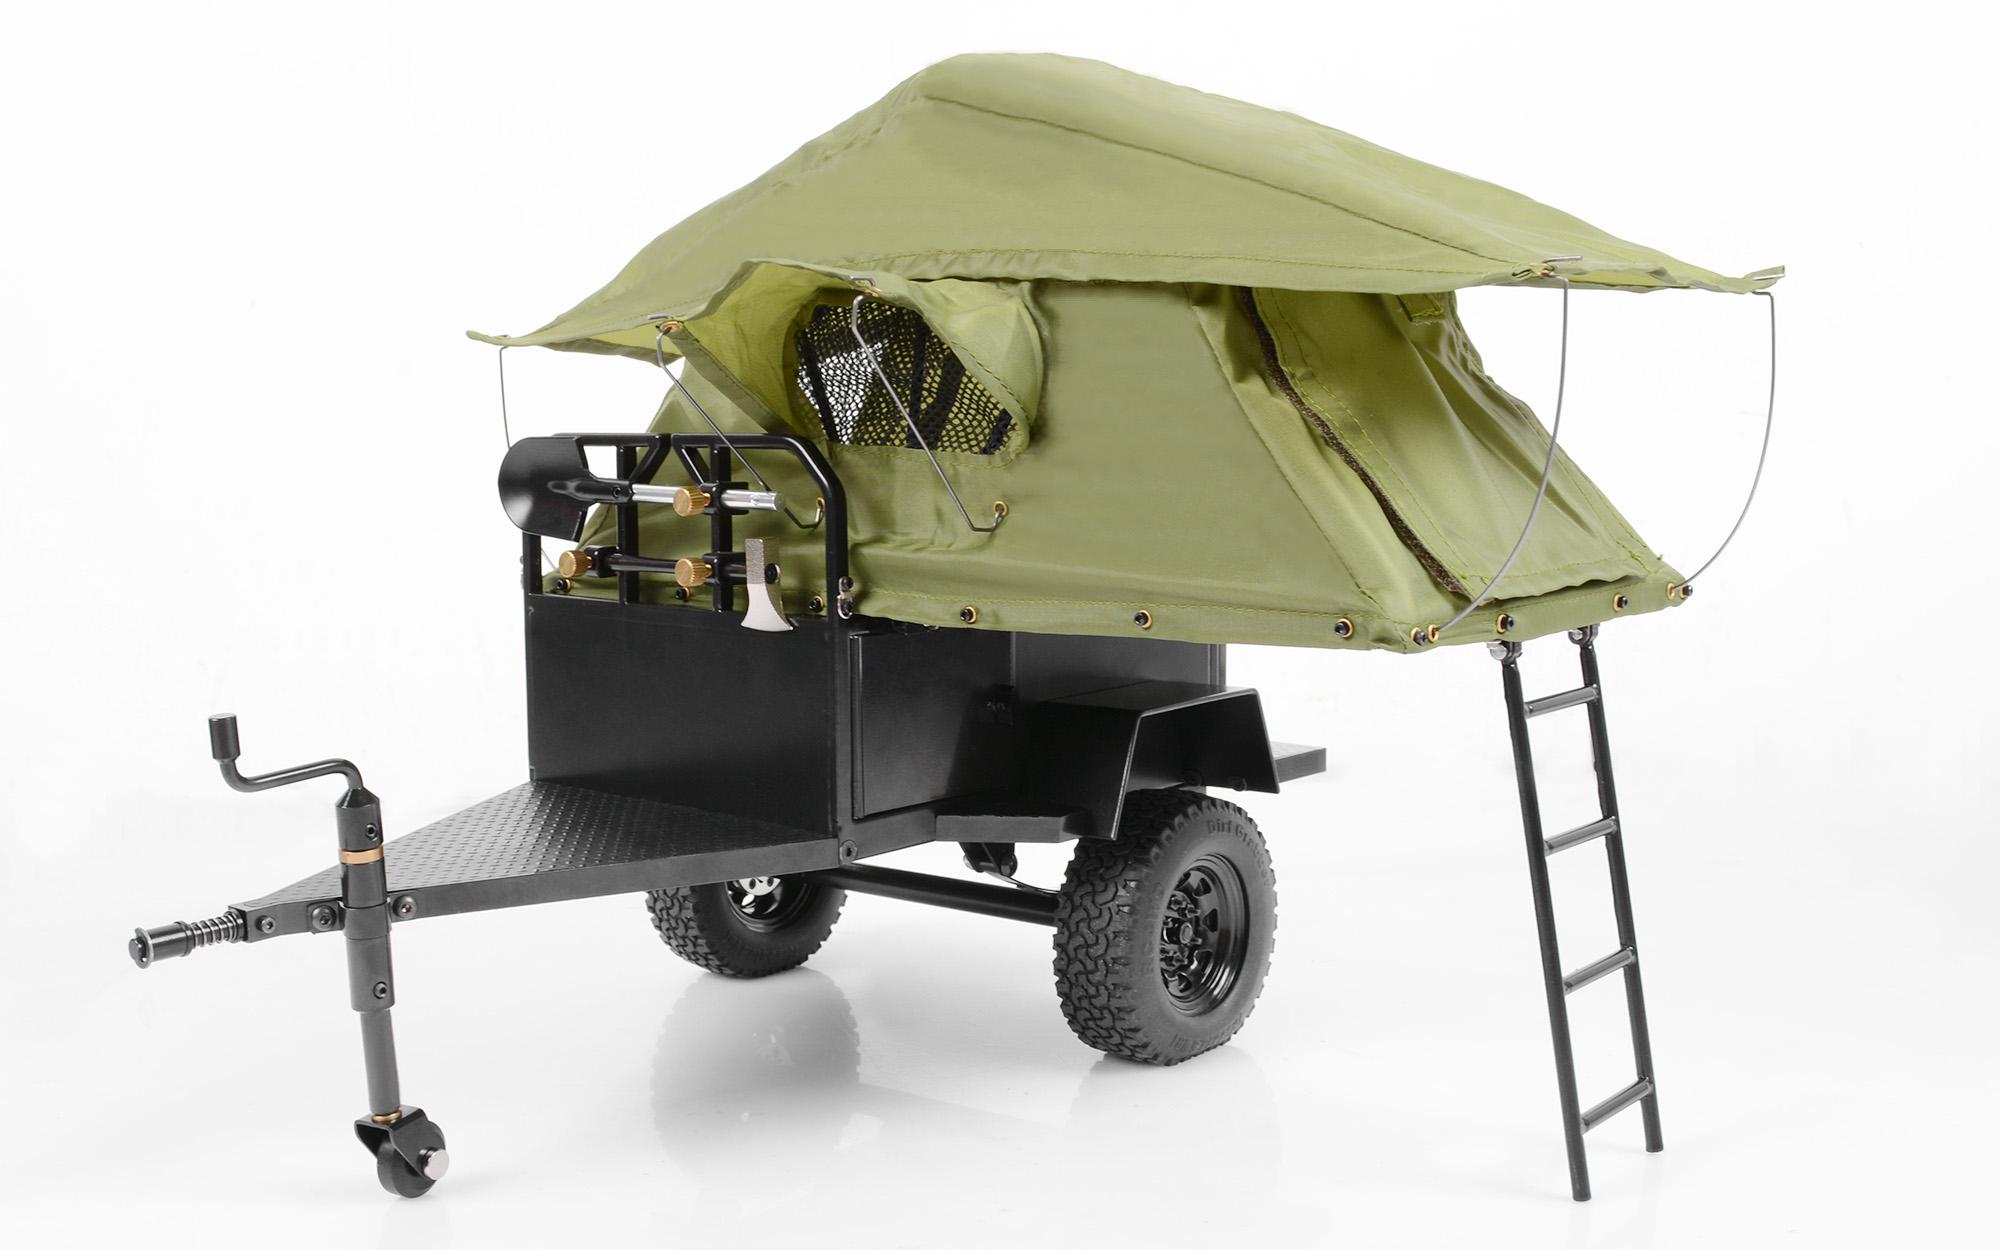 [nouveauté] RC4WD Bivouac 1/10 Camping Trailer Tent Z-H0007-1